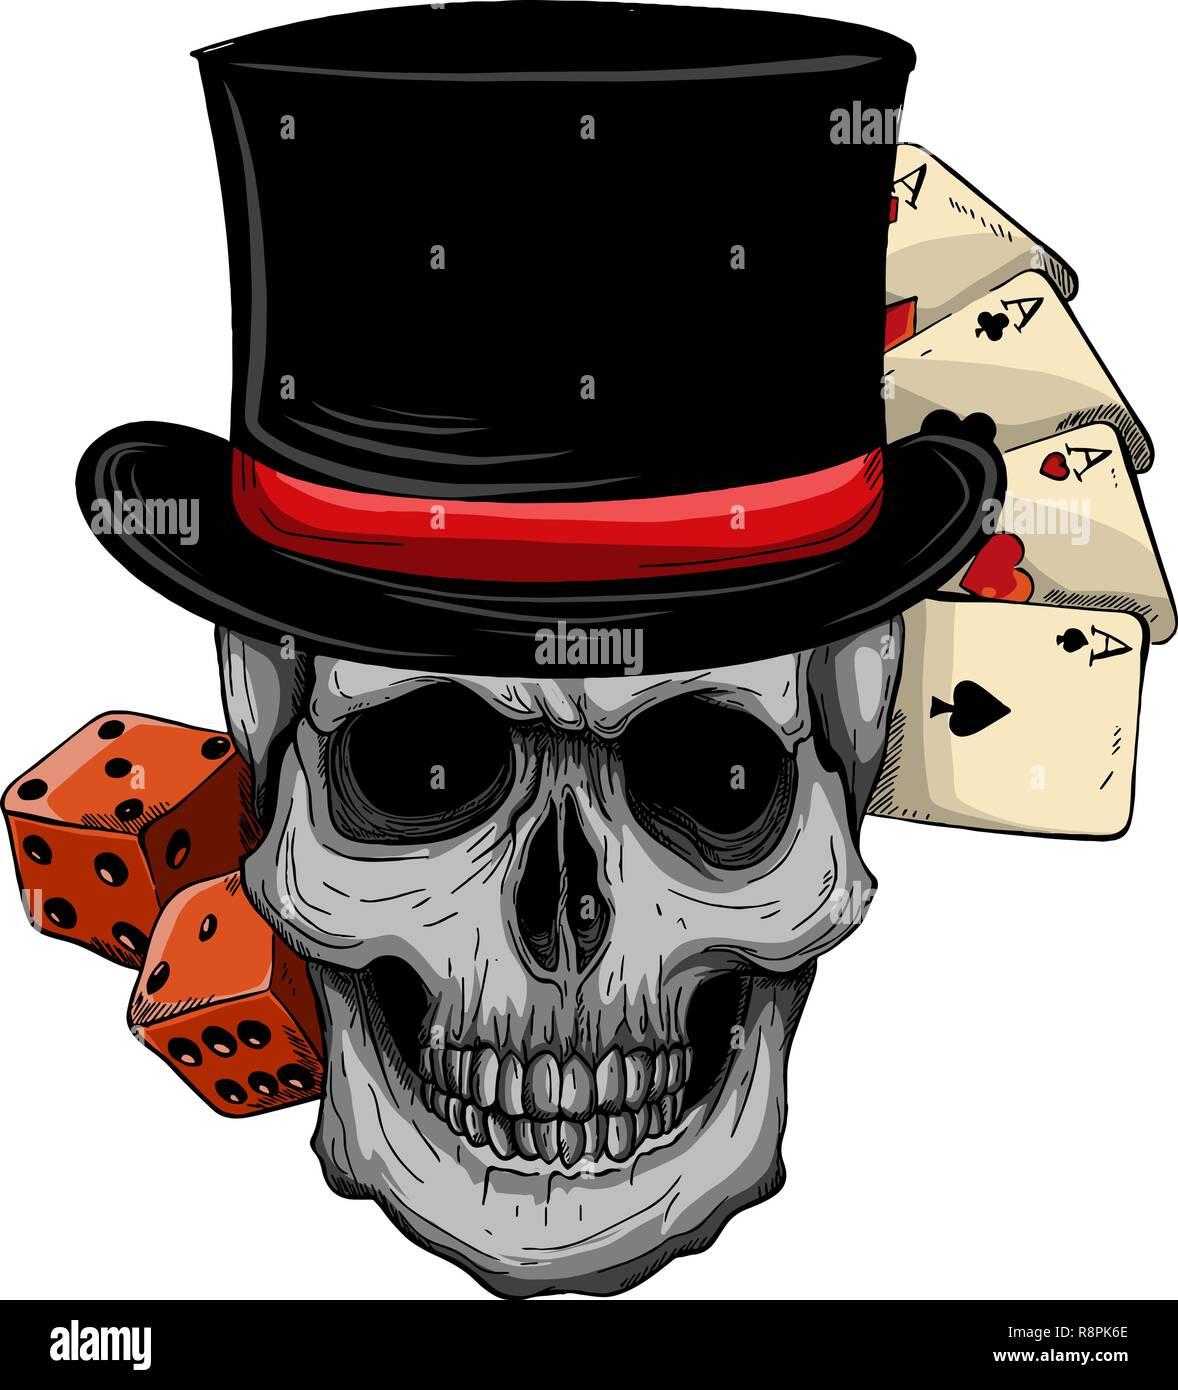 Vector calavera con sombrero de copa y juego de casino. Imagen De Stock b0203791641